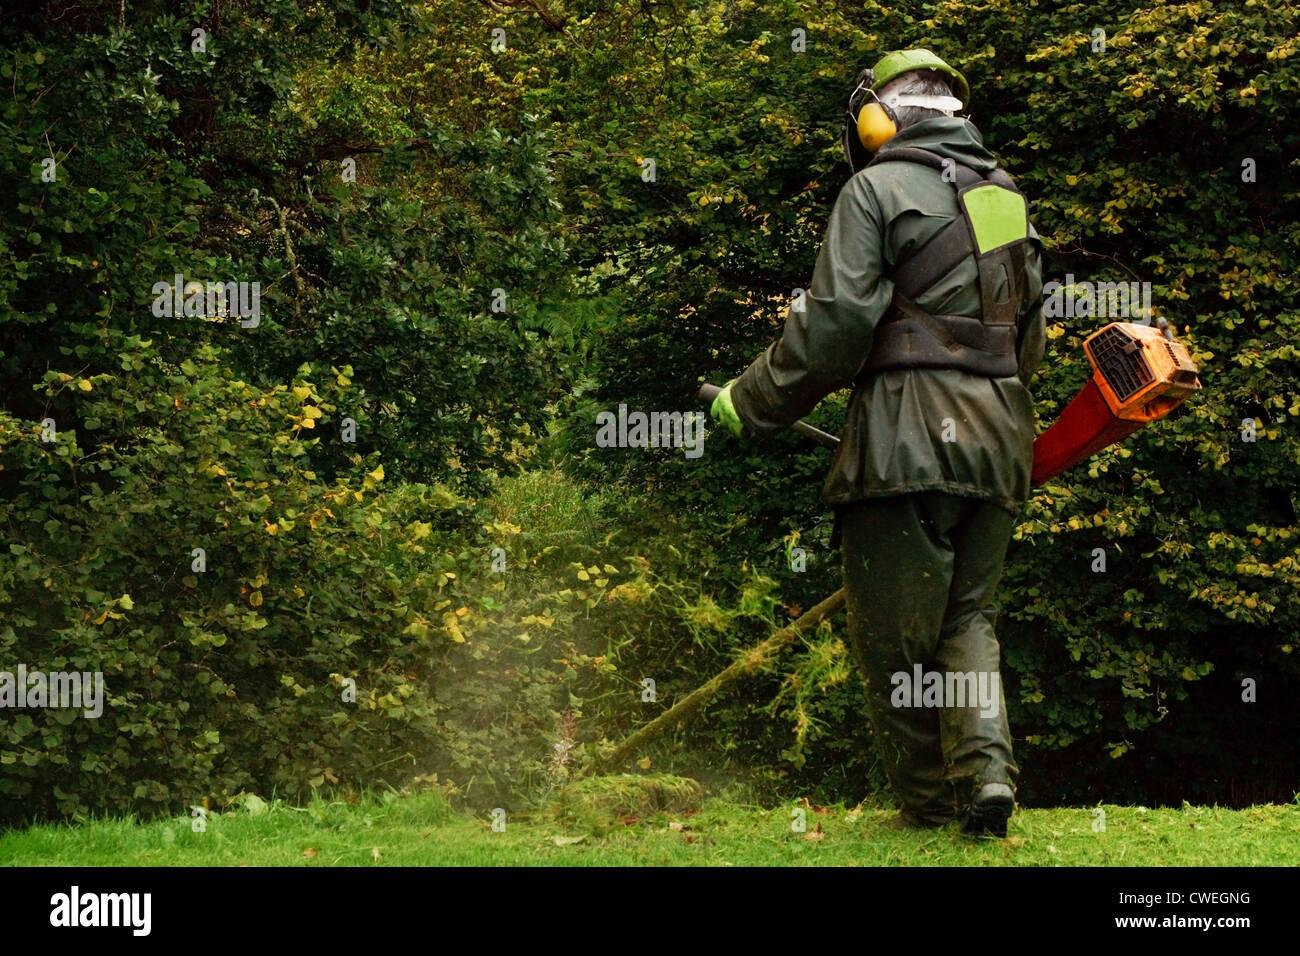 Ein Landarbeiter, trimmen die Bürste mit einem Benzin-Trimmgerät Stockbild